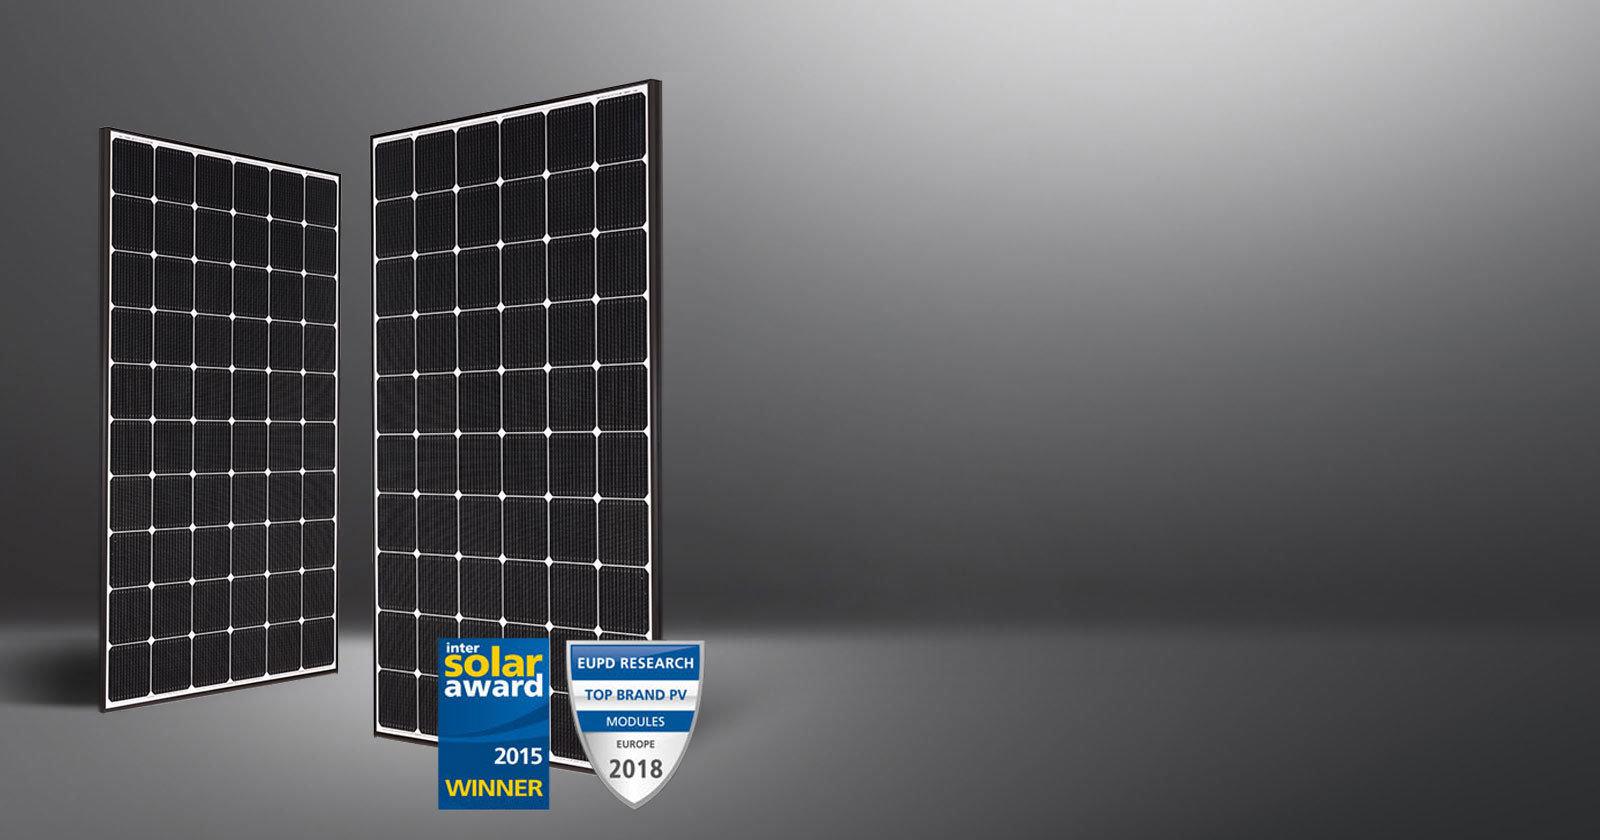 myCleantechSolarPower™ - LG Solarpannel NeON2 Typ (C) - Musterbild